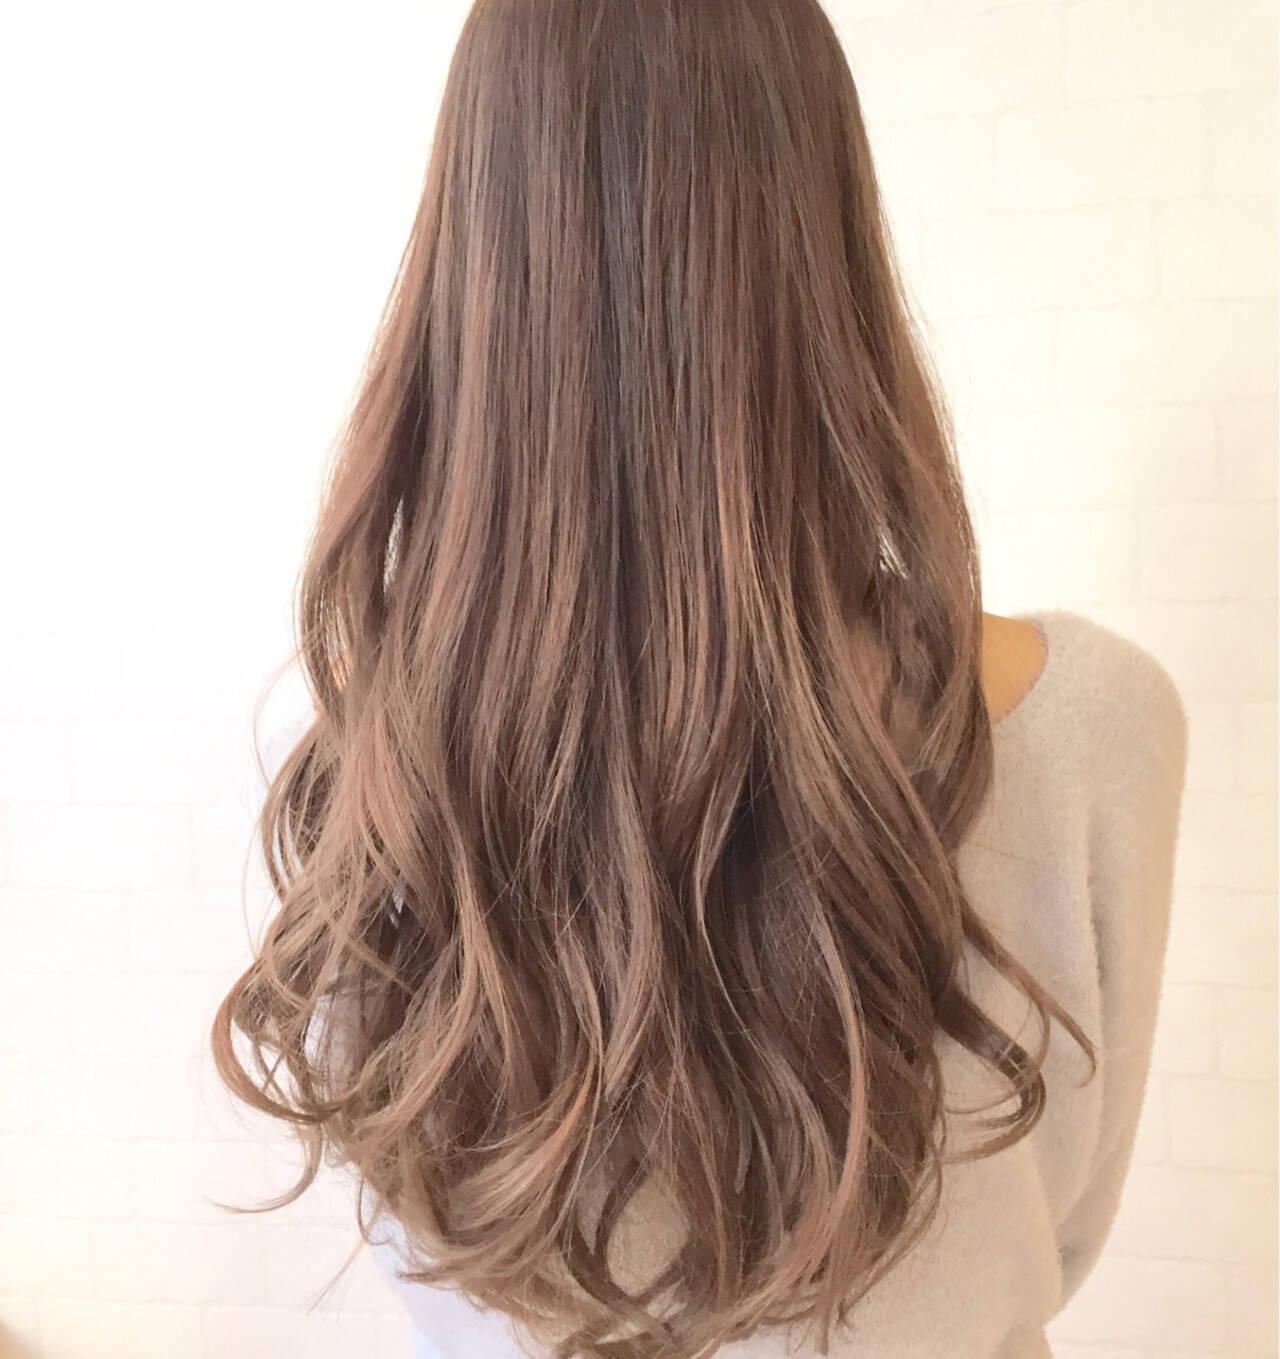 外国人風 ハイライト アッシュ フェミニンヘアスタイルや髪型の写真・画像